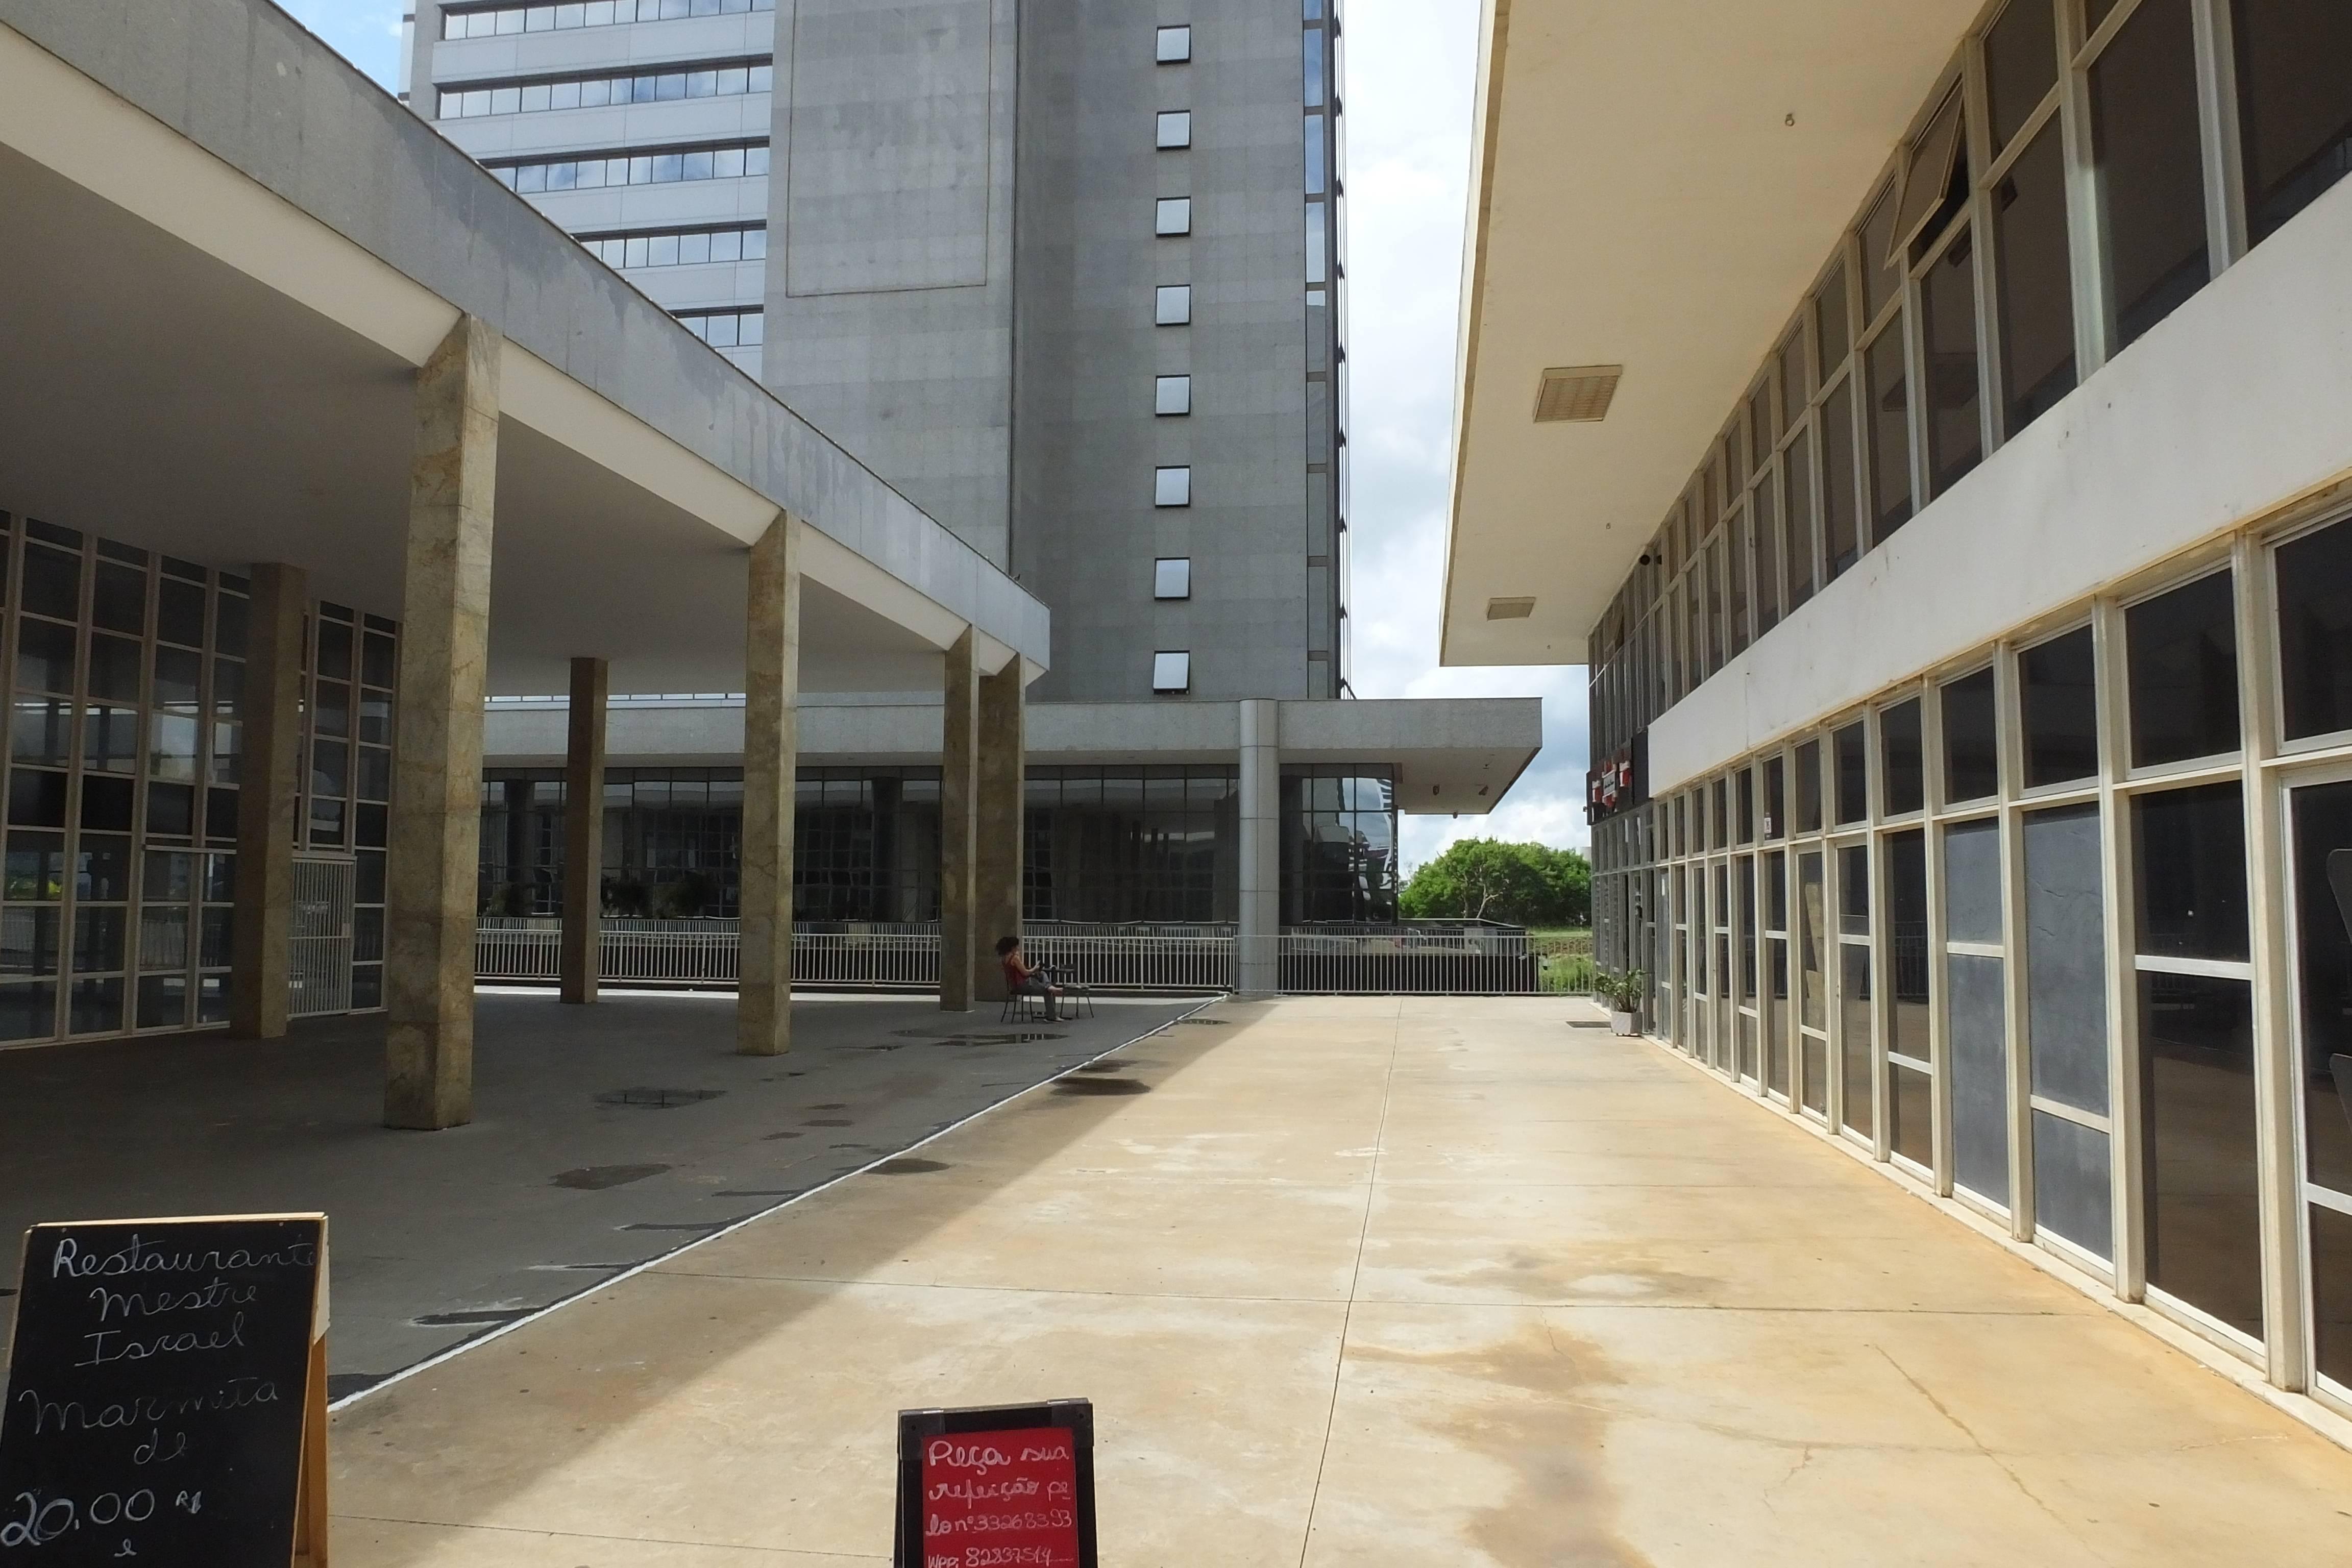 A plataforma do Setor Bancário Norte, que deveria ser livre e integrar o térreo dos edifícios, é repleta de interrupções que dificultam a fluxo dos pedestres.